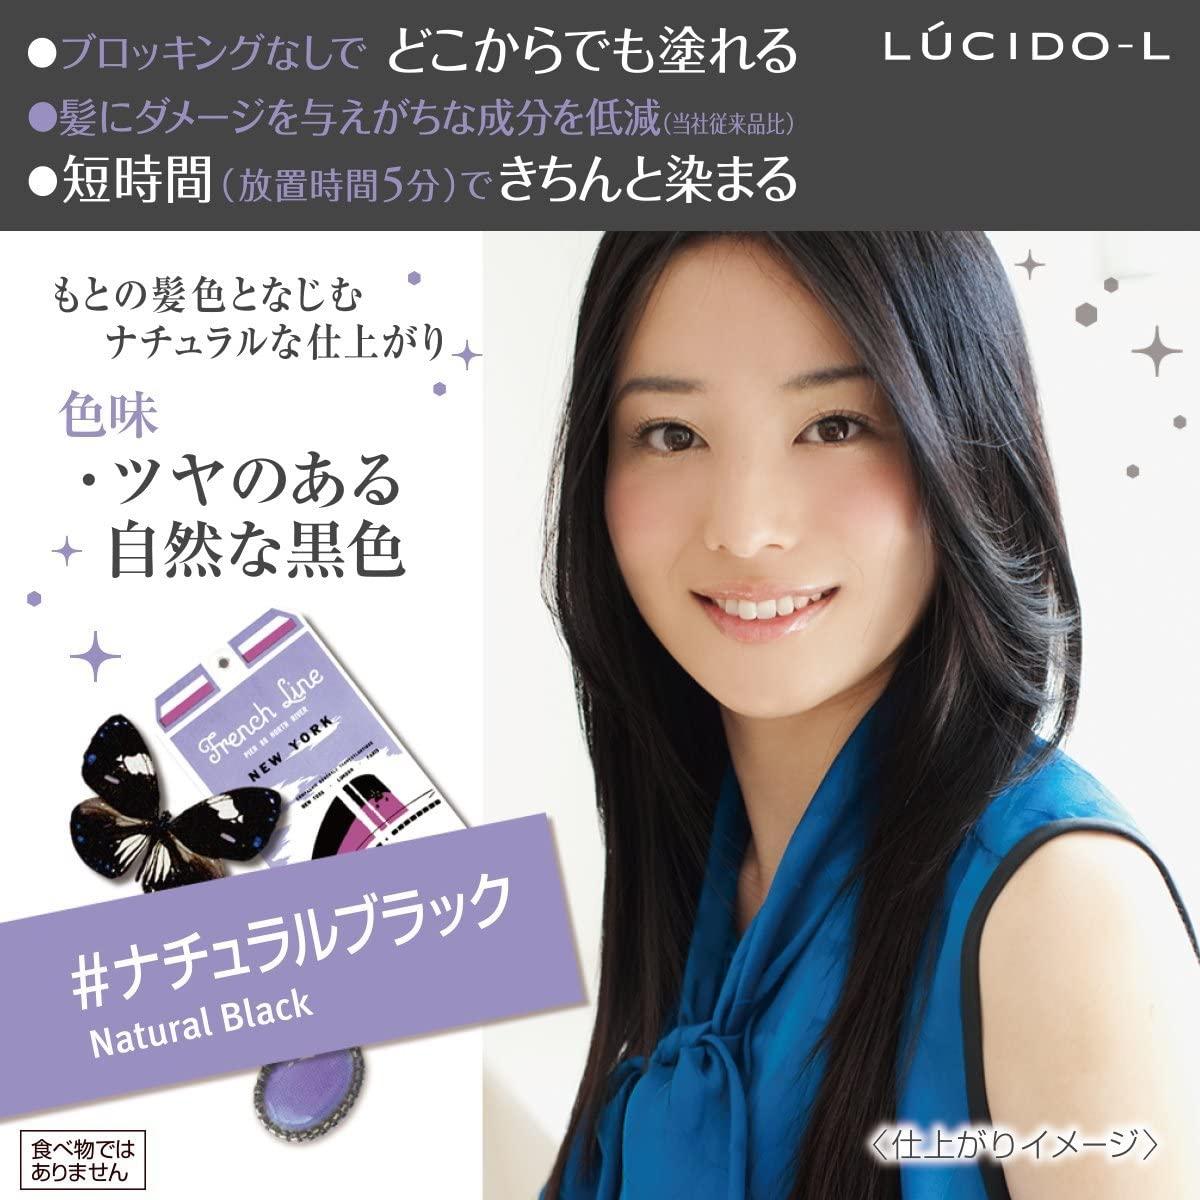 LUCIDO-L(ルシードエル)ミルクジャム髪色もどしの商品画像4